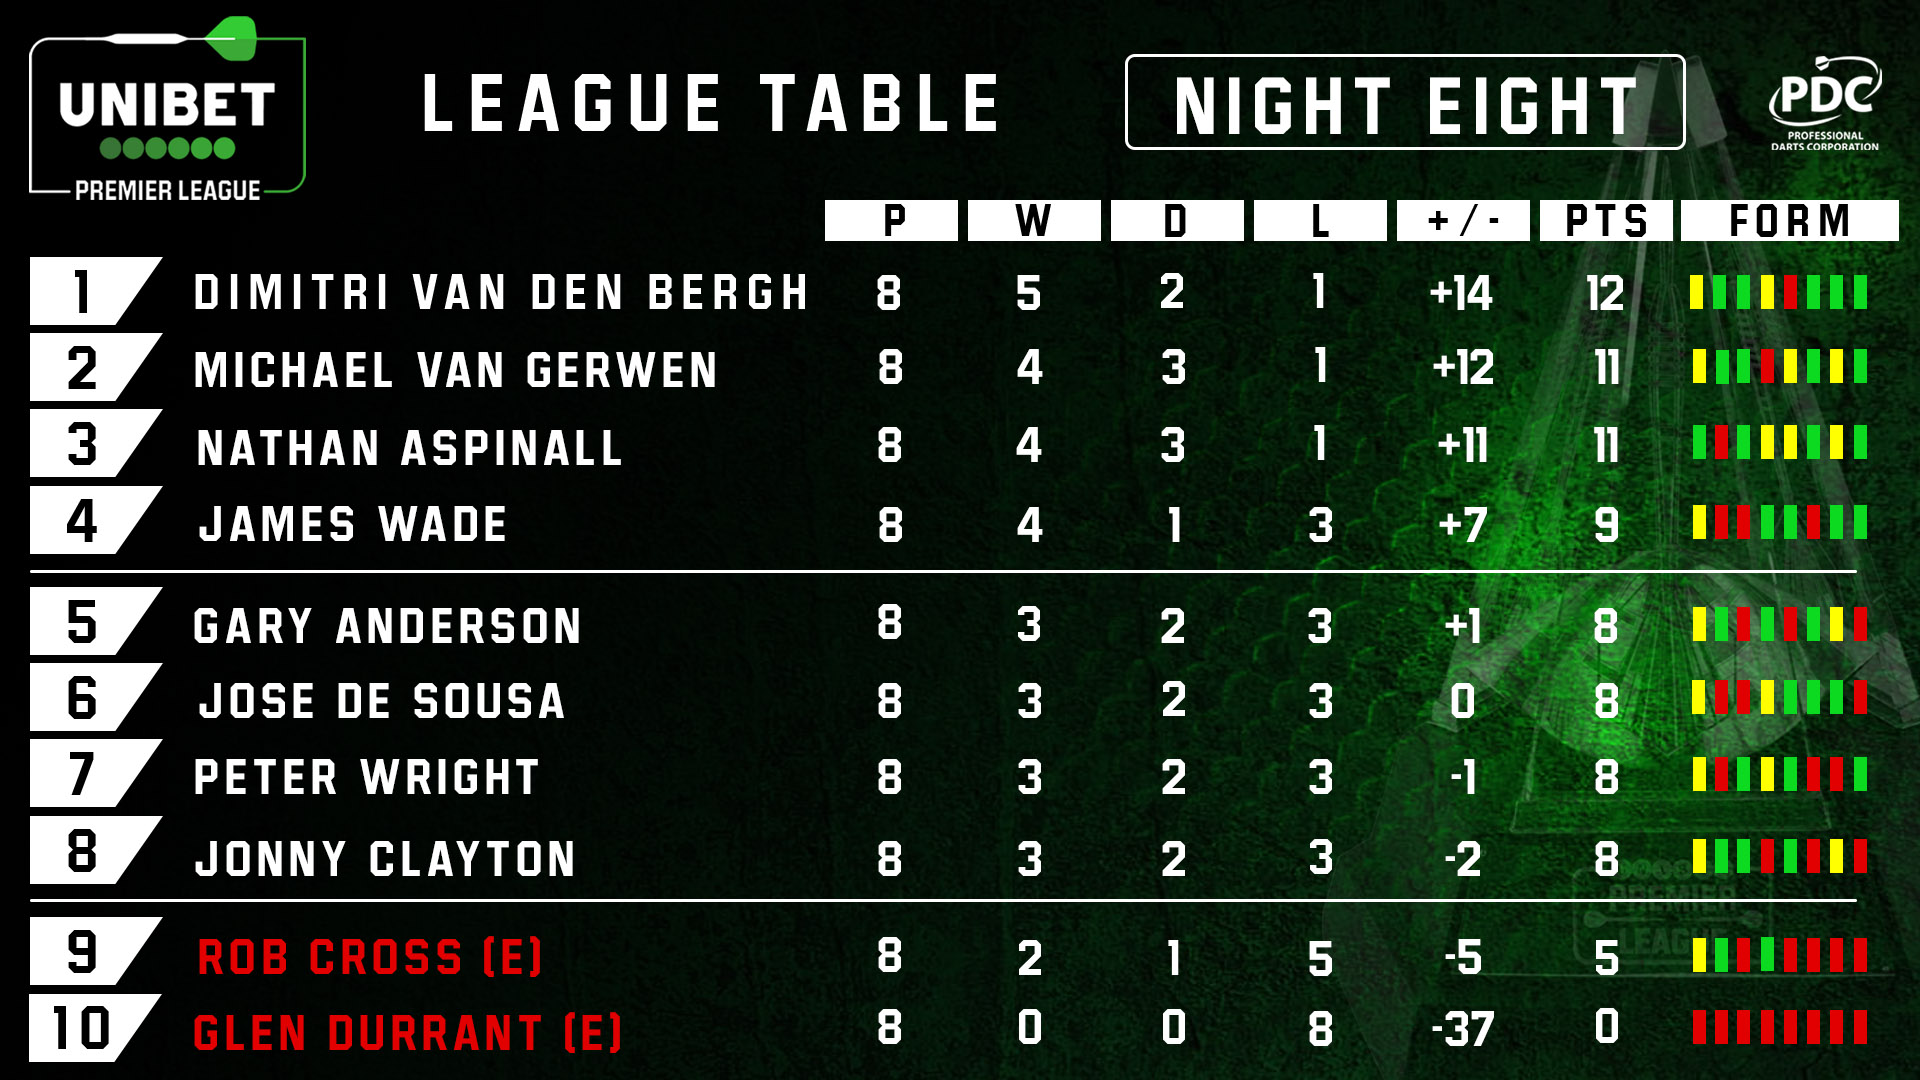 Unibet Premier League table